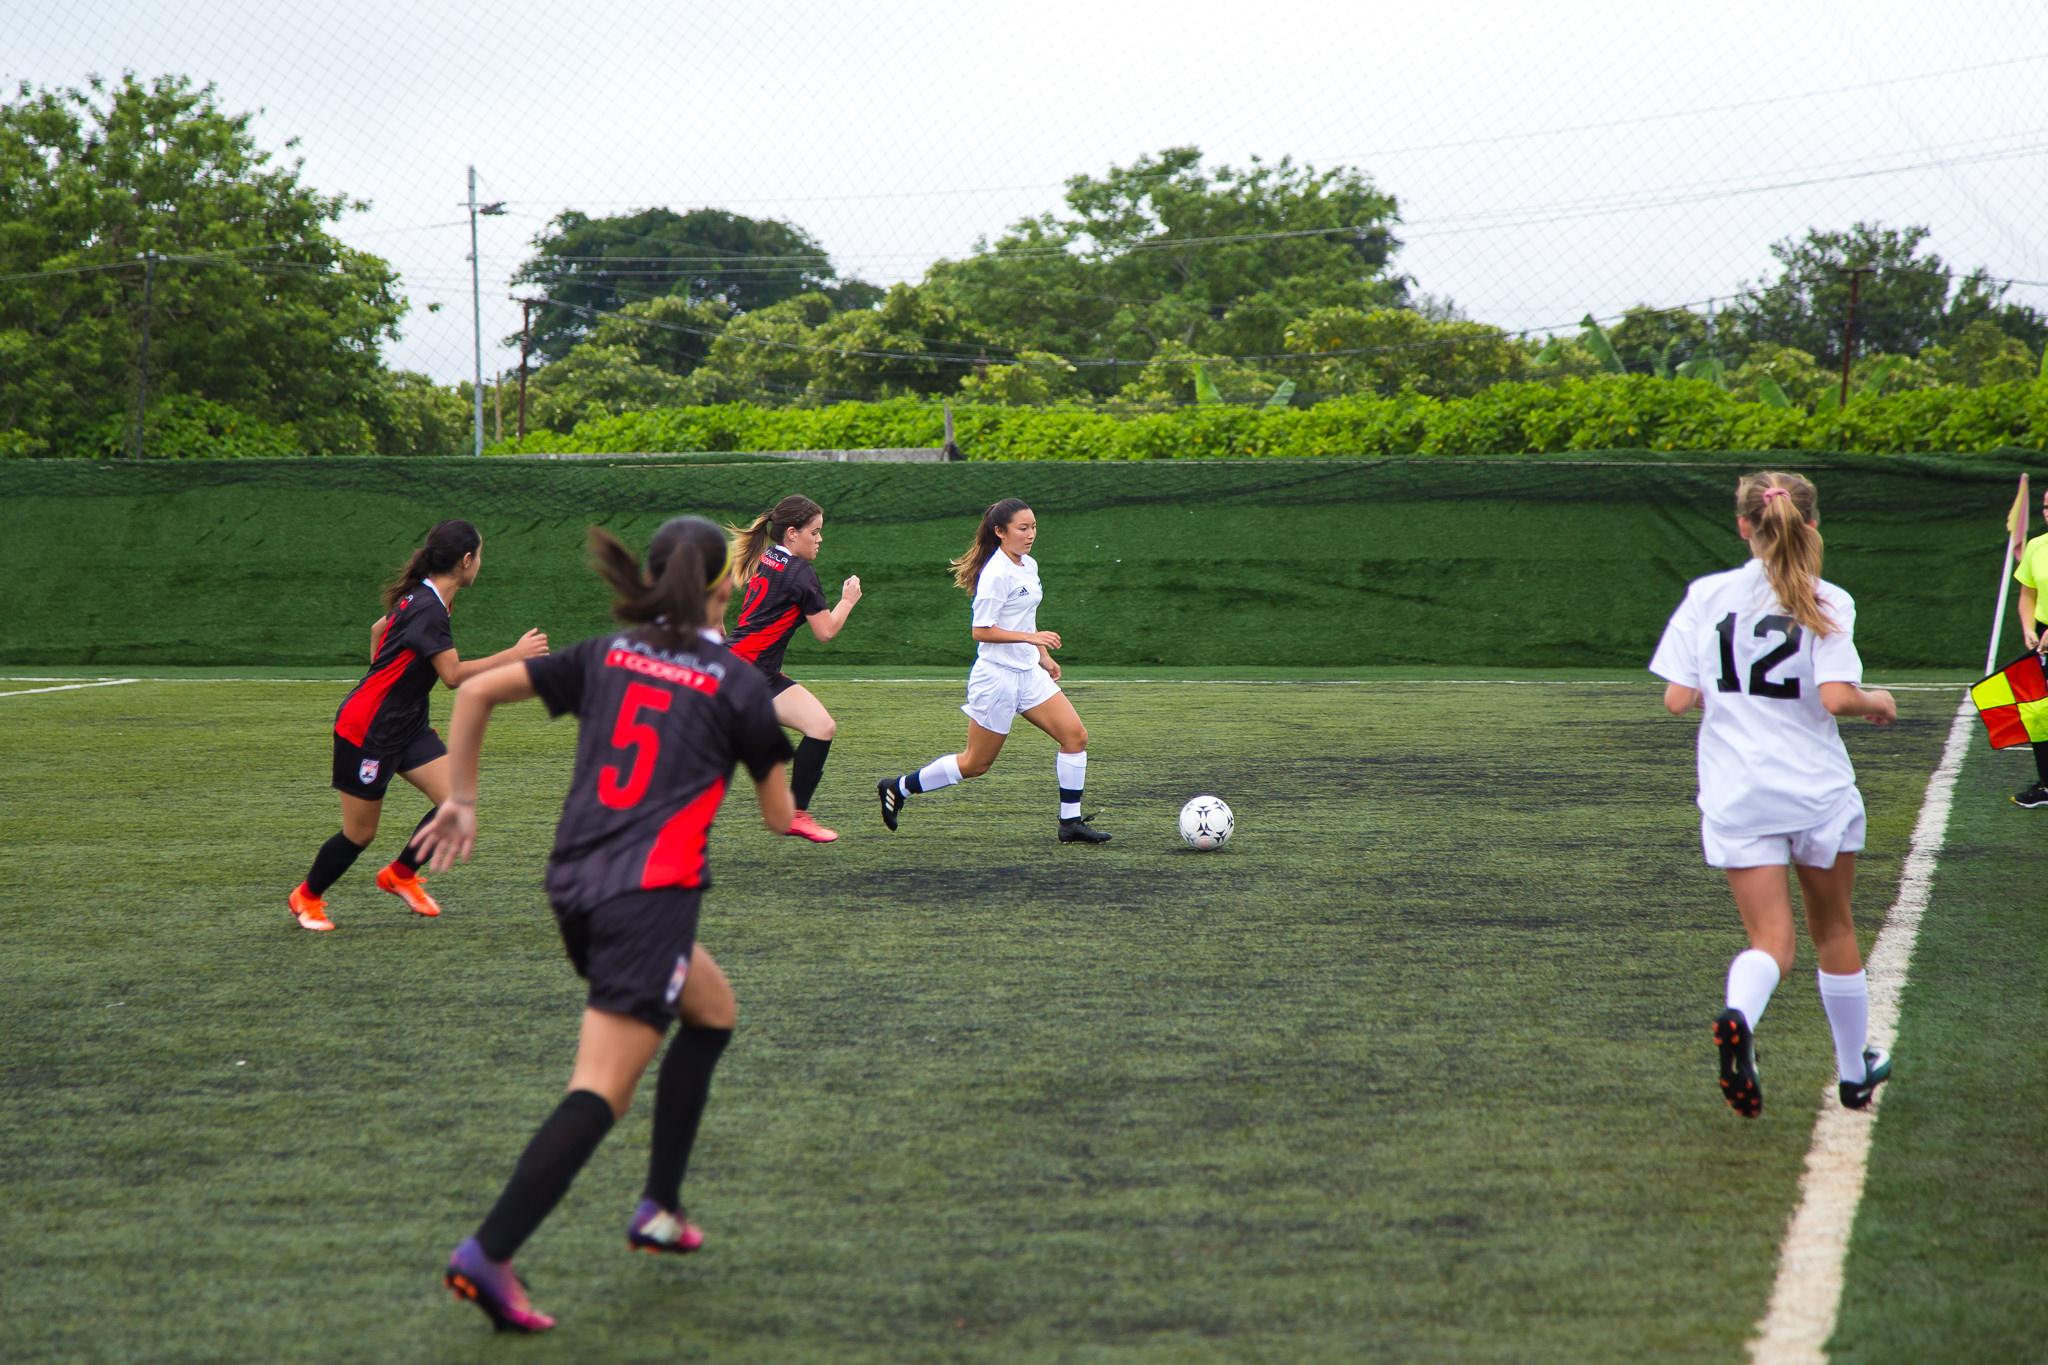 costa rica soccer Costa rica vs nicaragua - 29 agosto 2018 - women soccerway bahasa - indonesia  img soccer academy (bradenton, florida) partidos de costa rica competición.